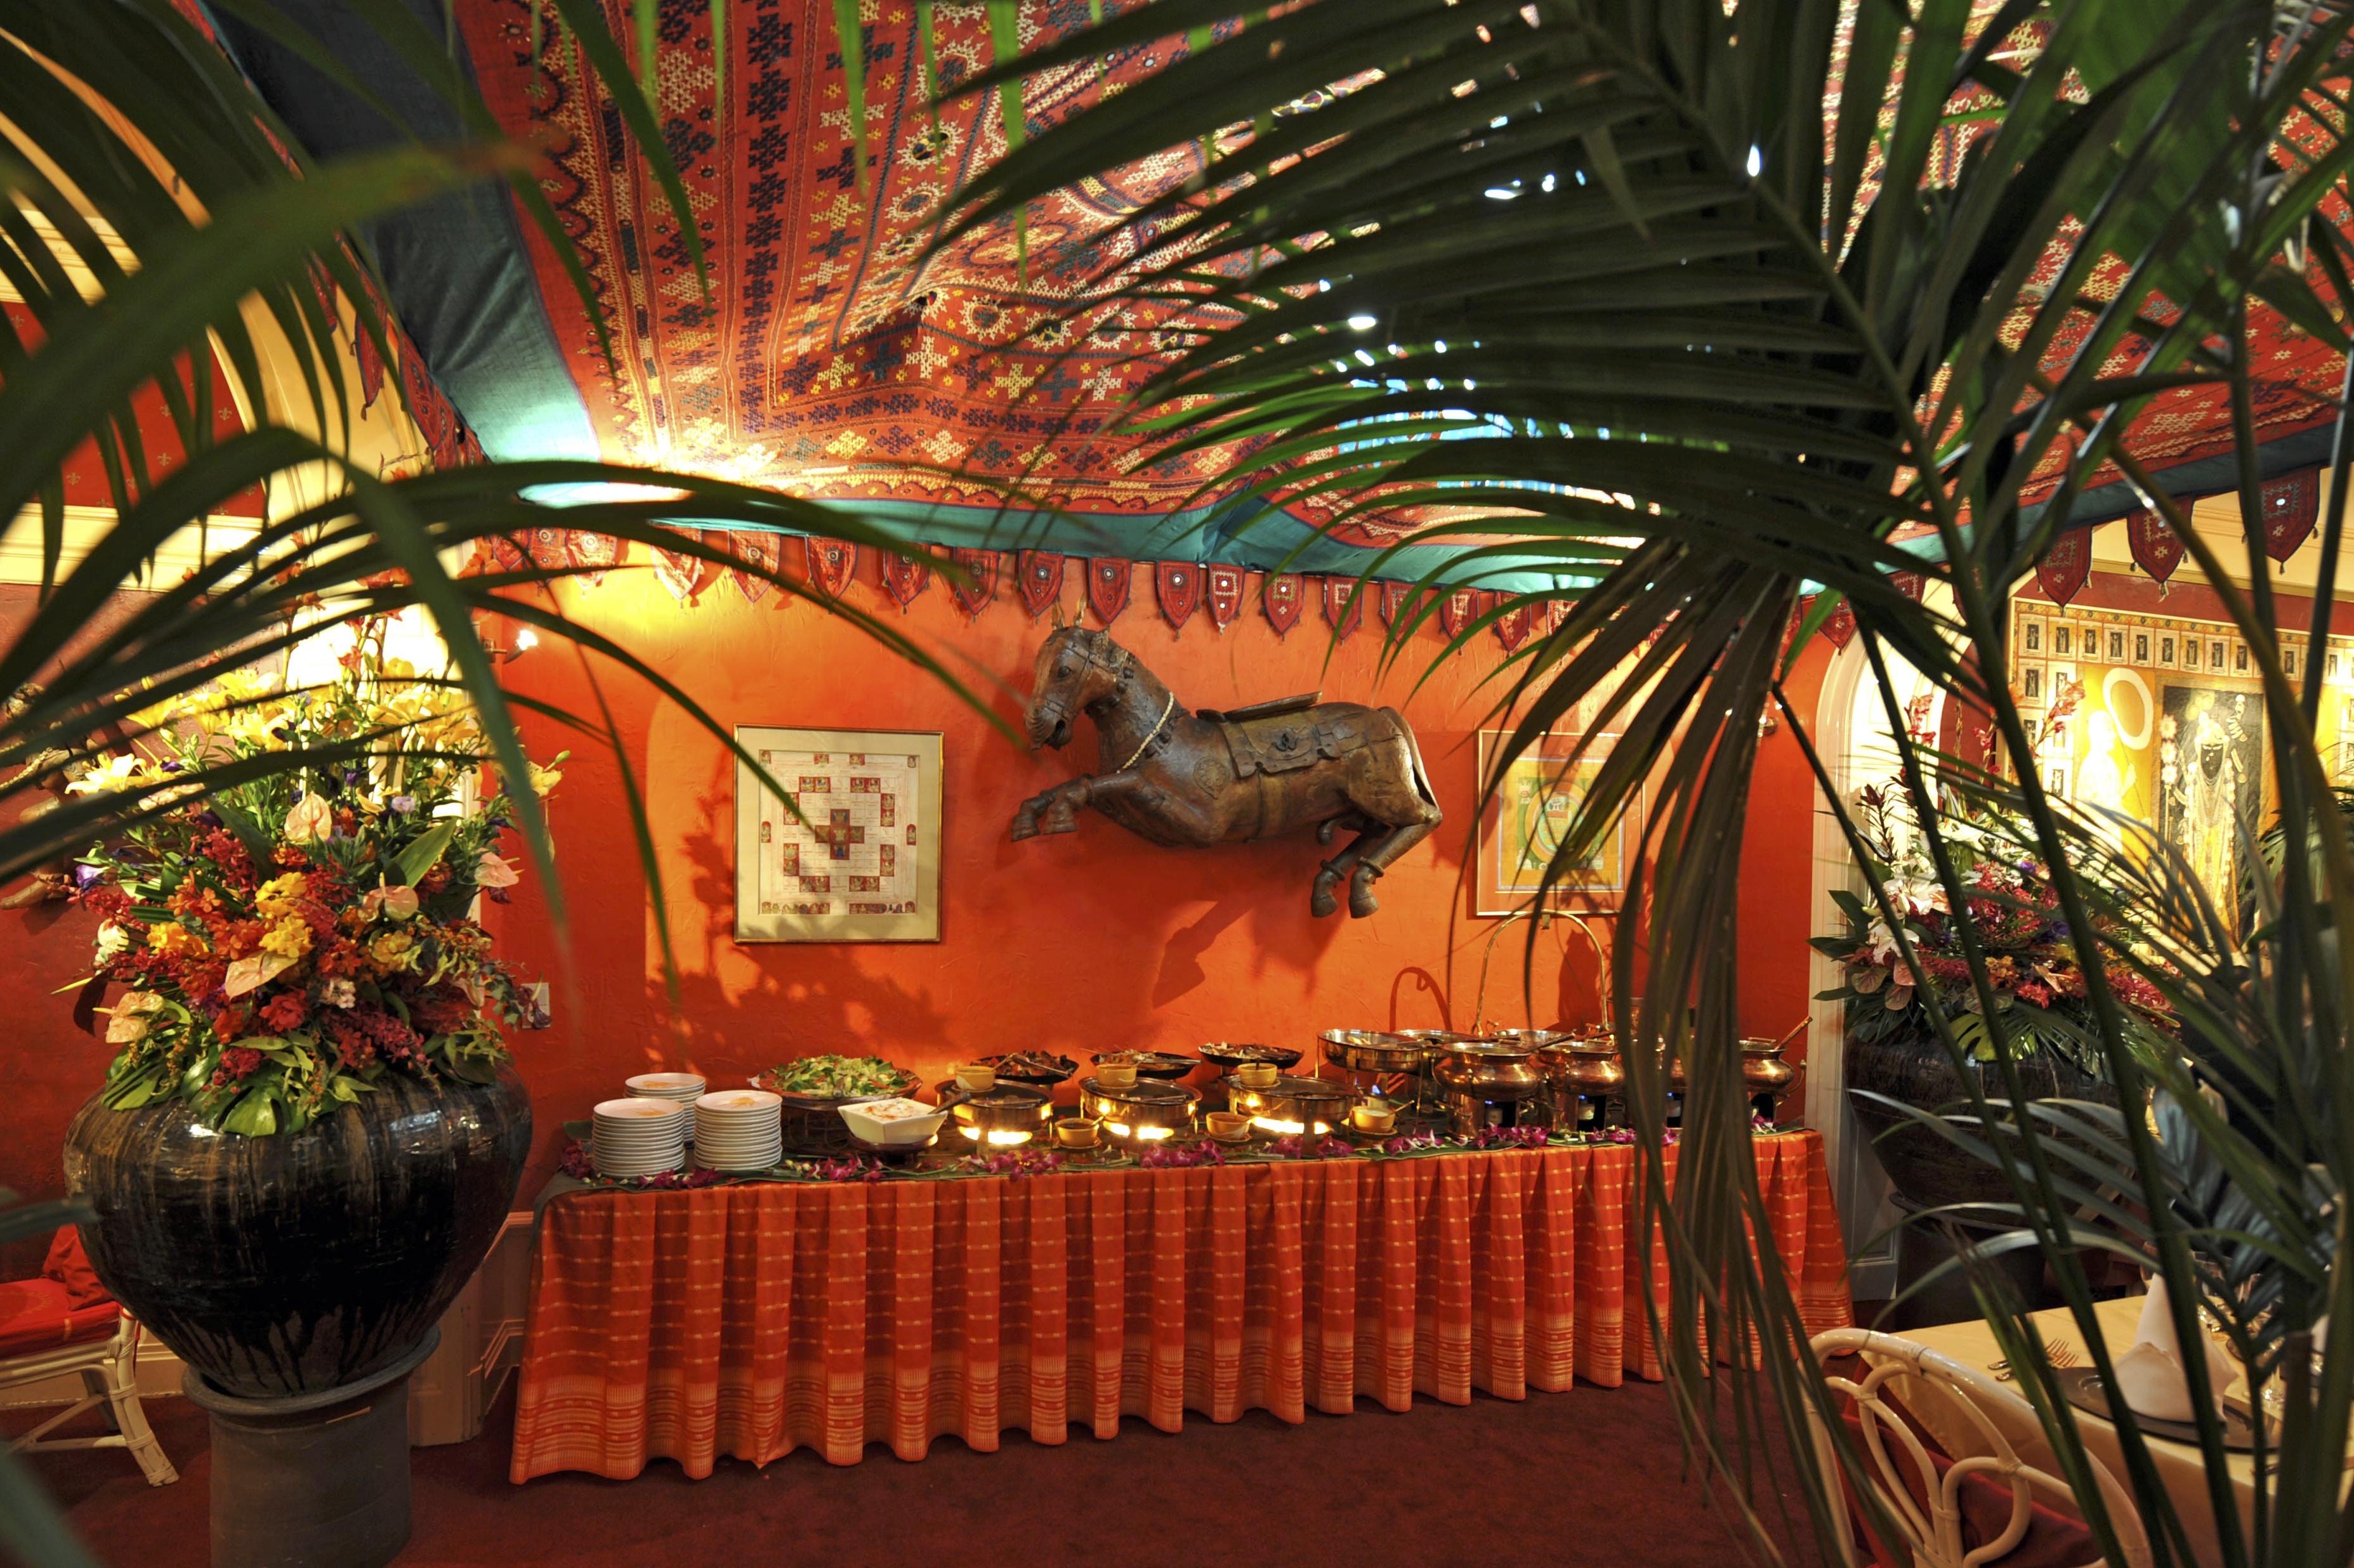 La porte des indes restaurant asiatique bruxelles for Porte des indes